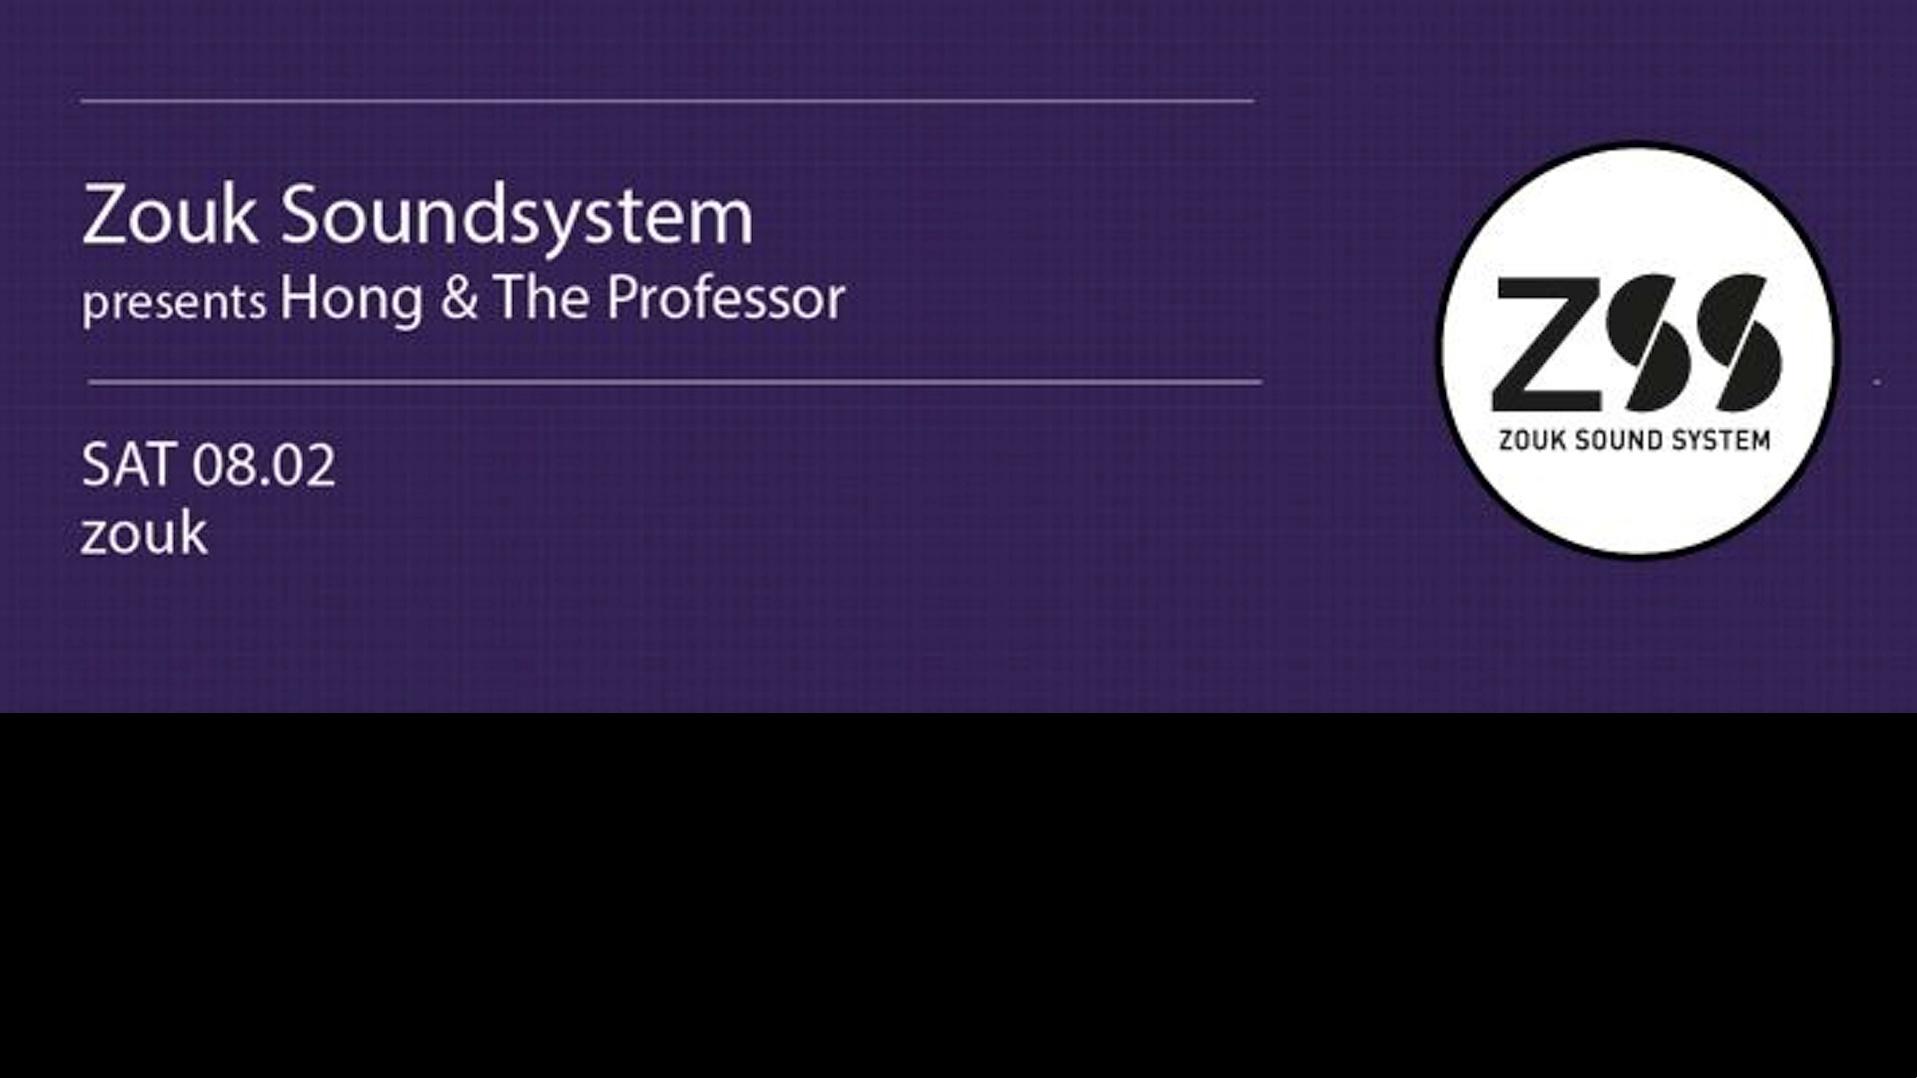 ZSS: Hong & The Professor